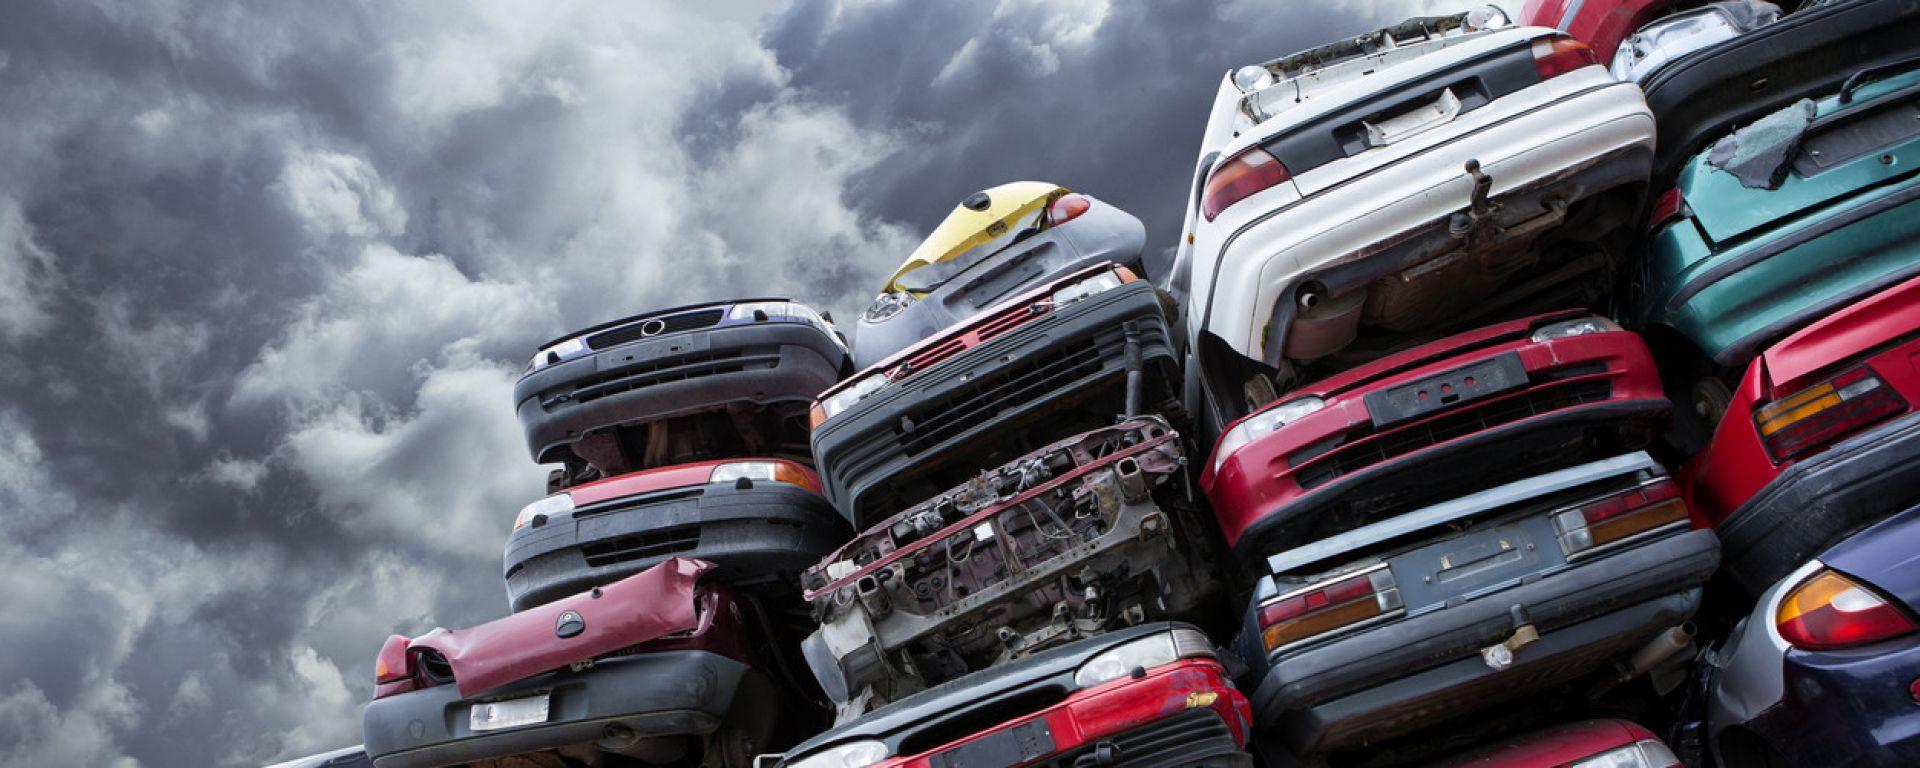 Bonus per chi rottama le vecchie auto